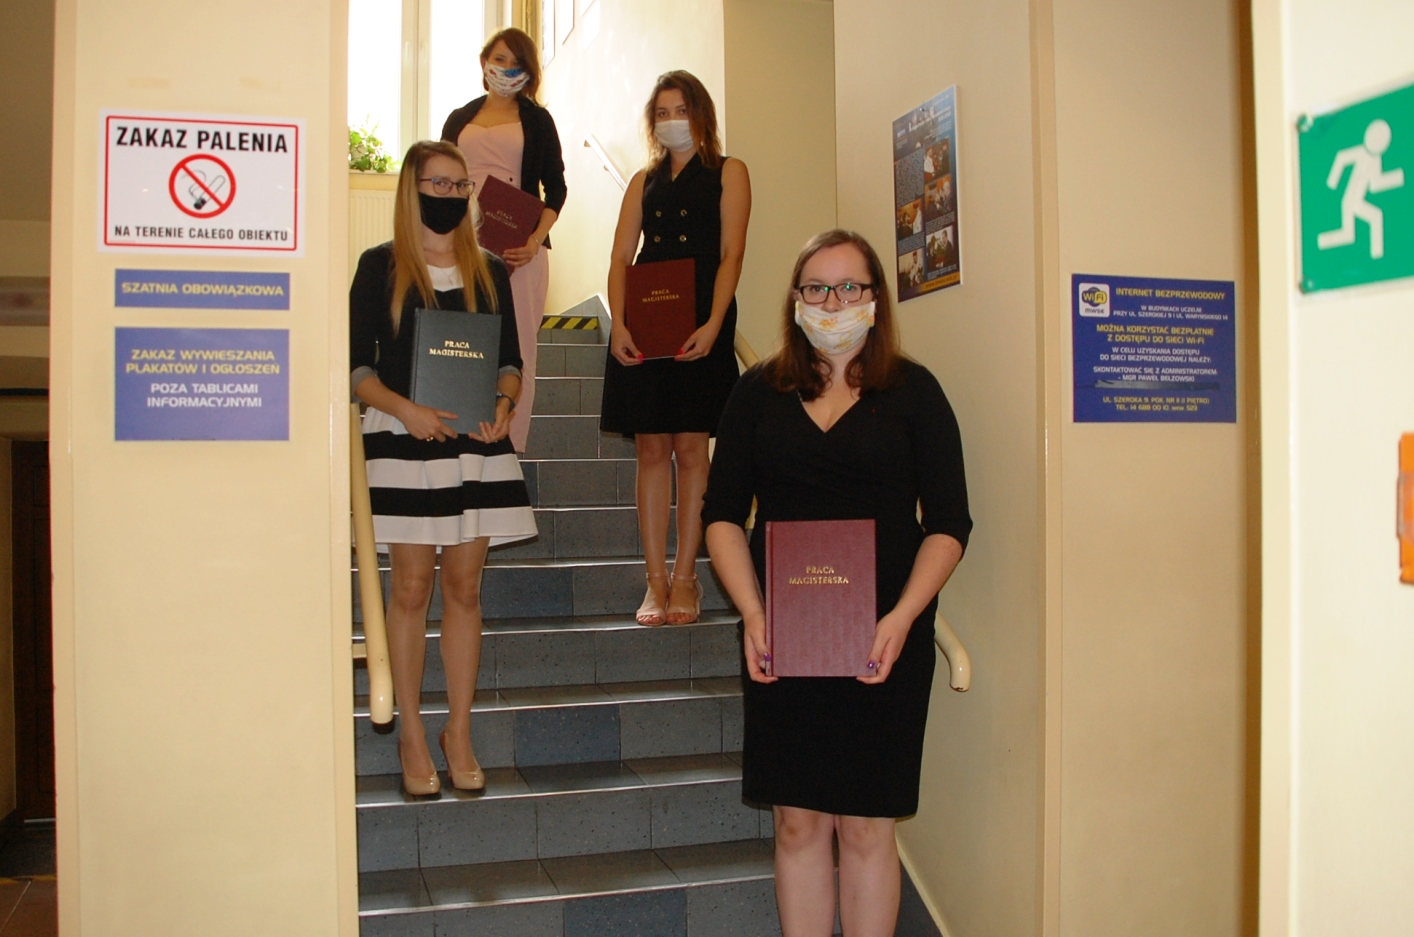 Studentki pozują z pracami dyplomowymi na schodach budynku przy ul. Szerokiej 9